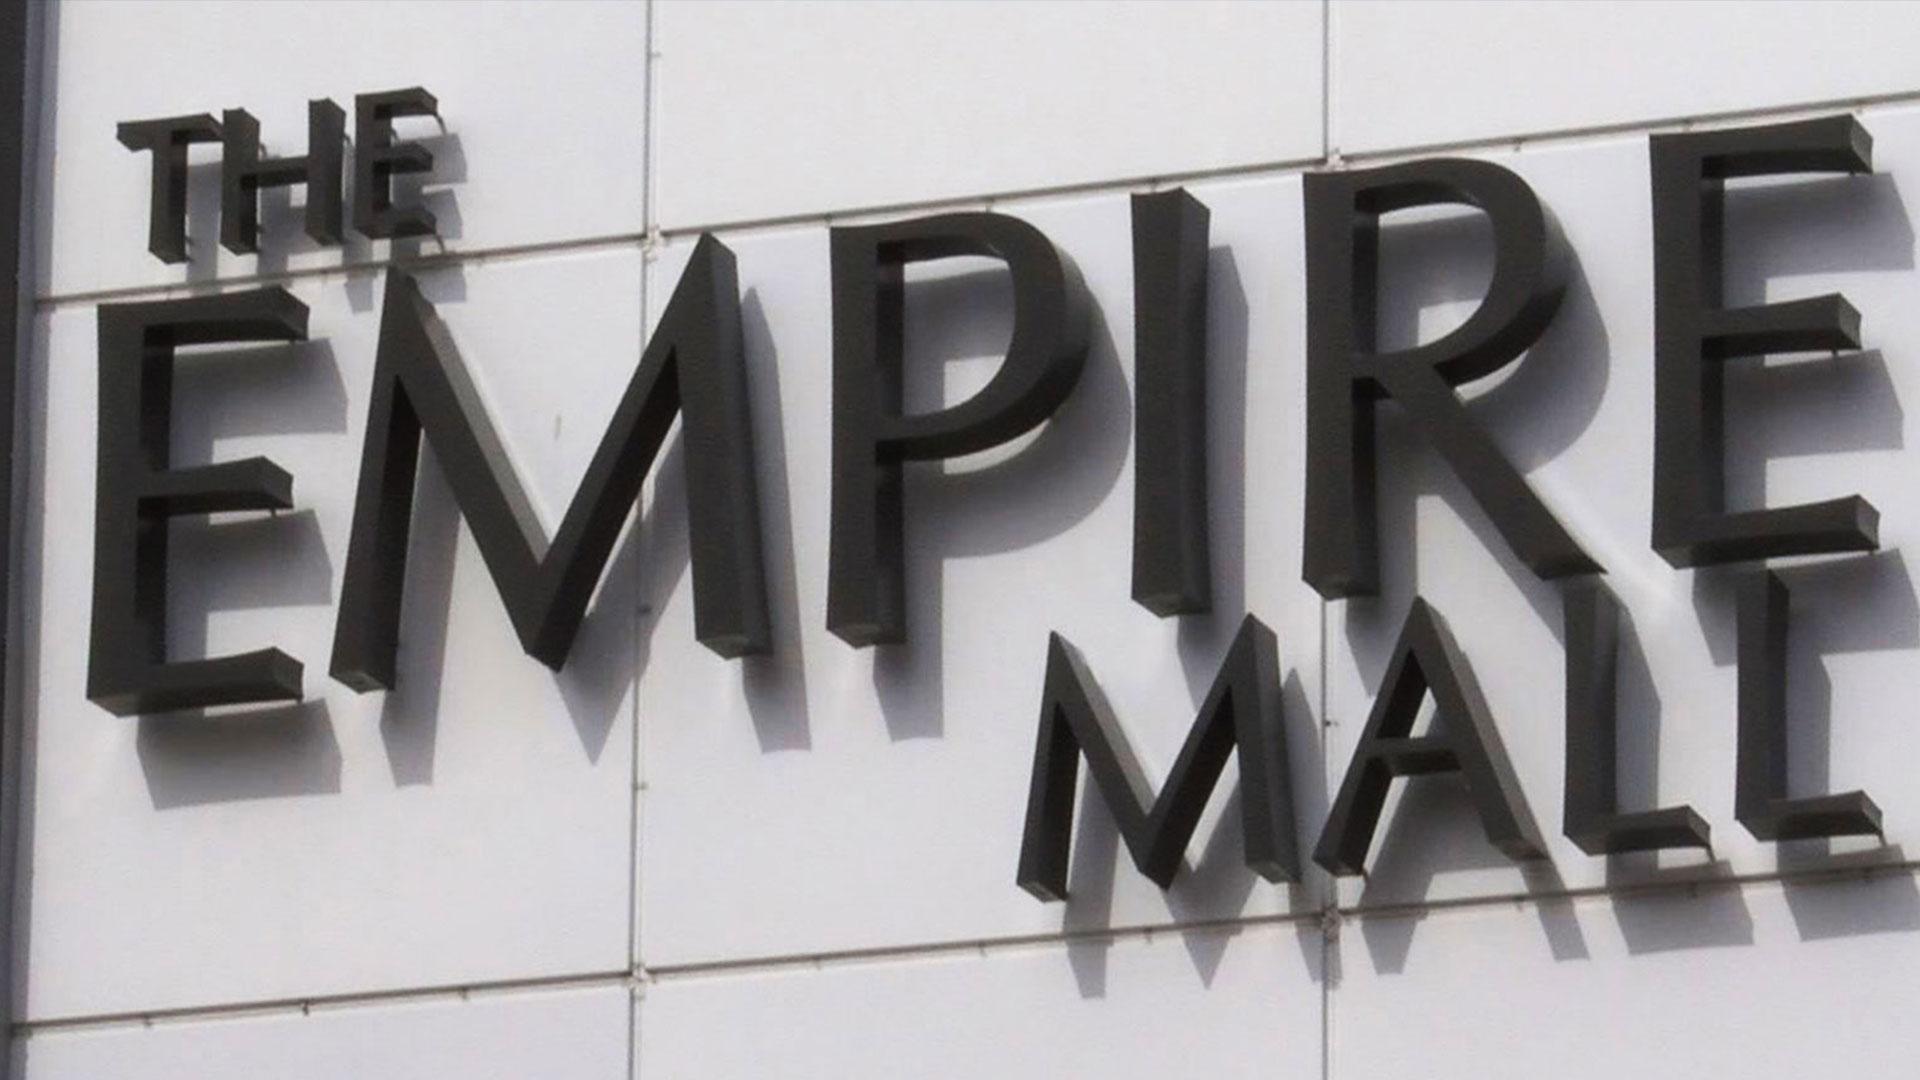 KELO Empire Mall